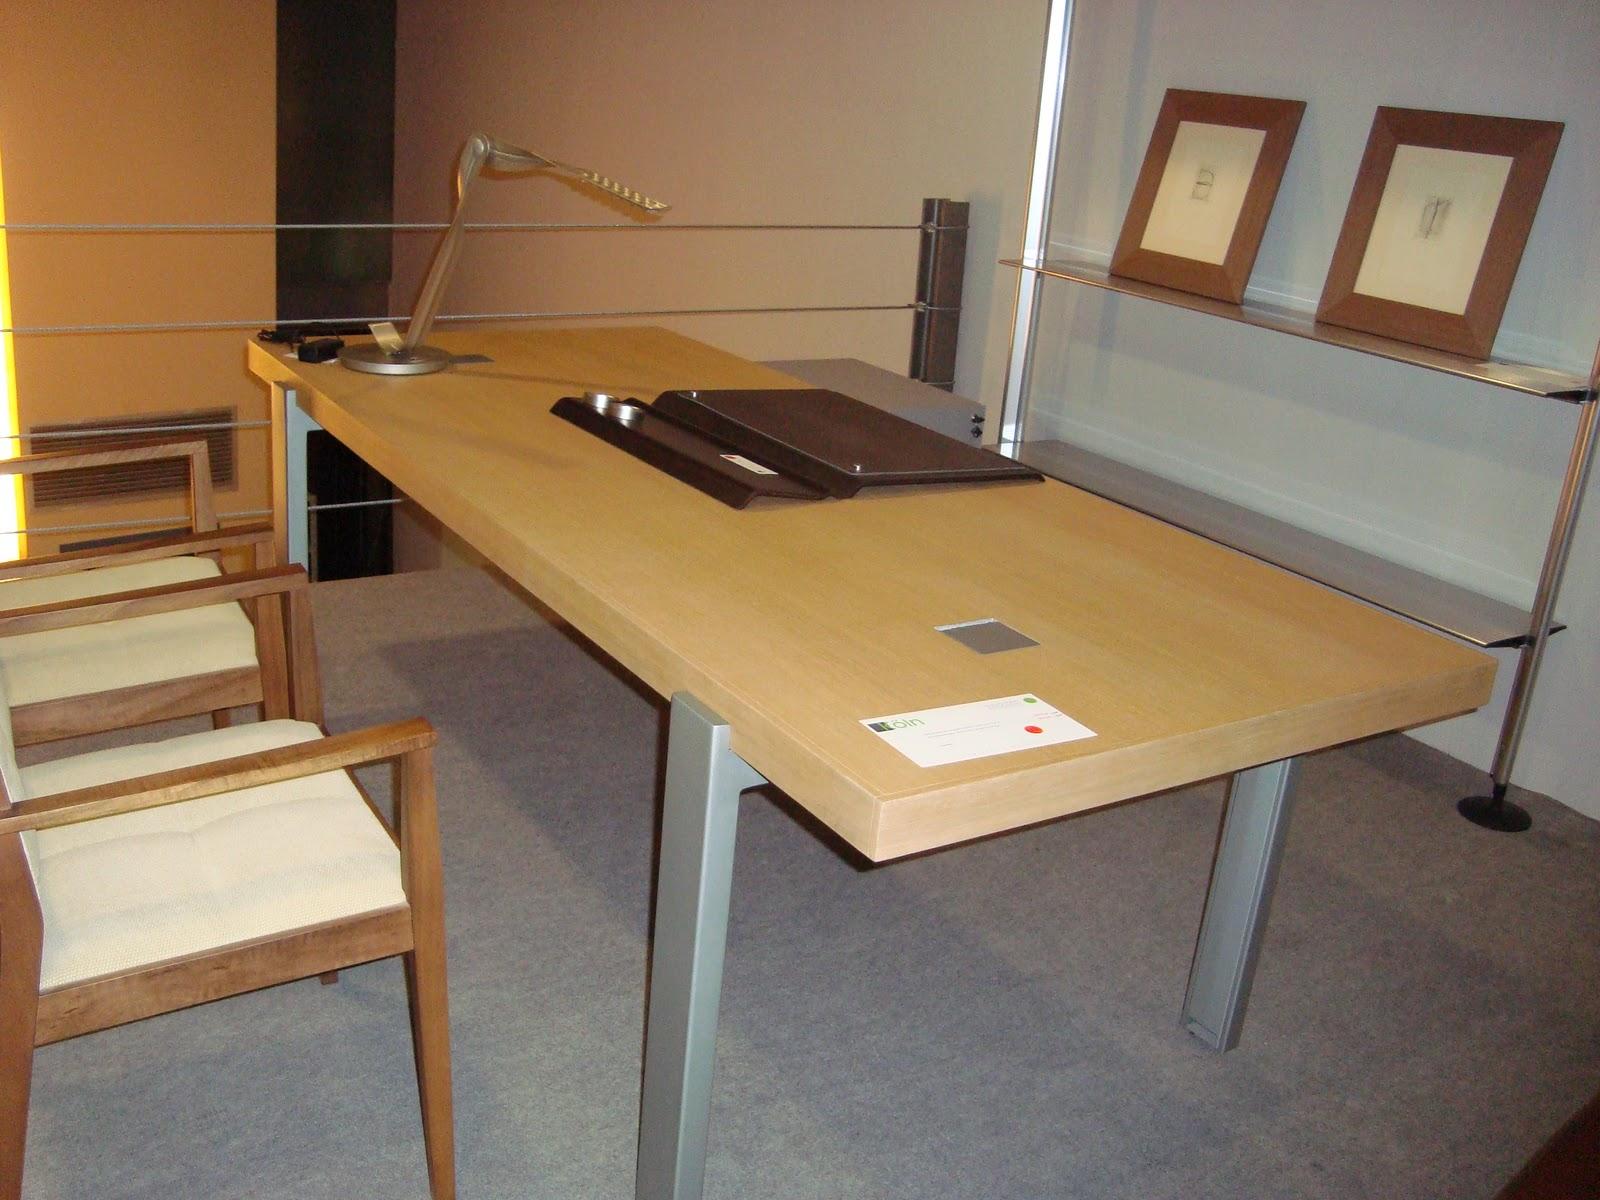 liquidacion muebles de dise o mesas y silleria On liquidacion muebles diseno